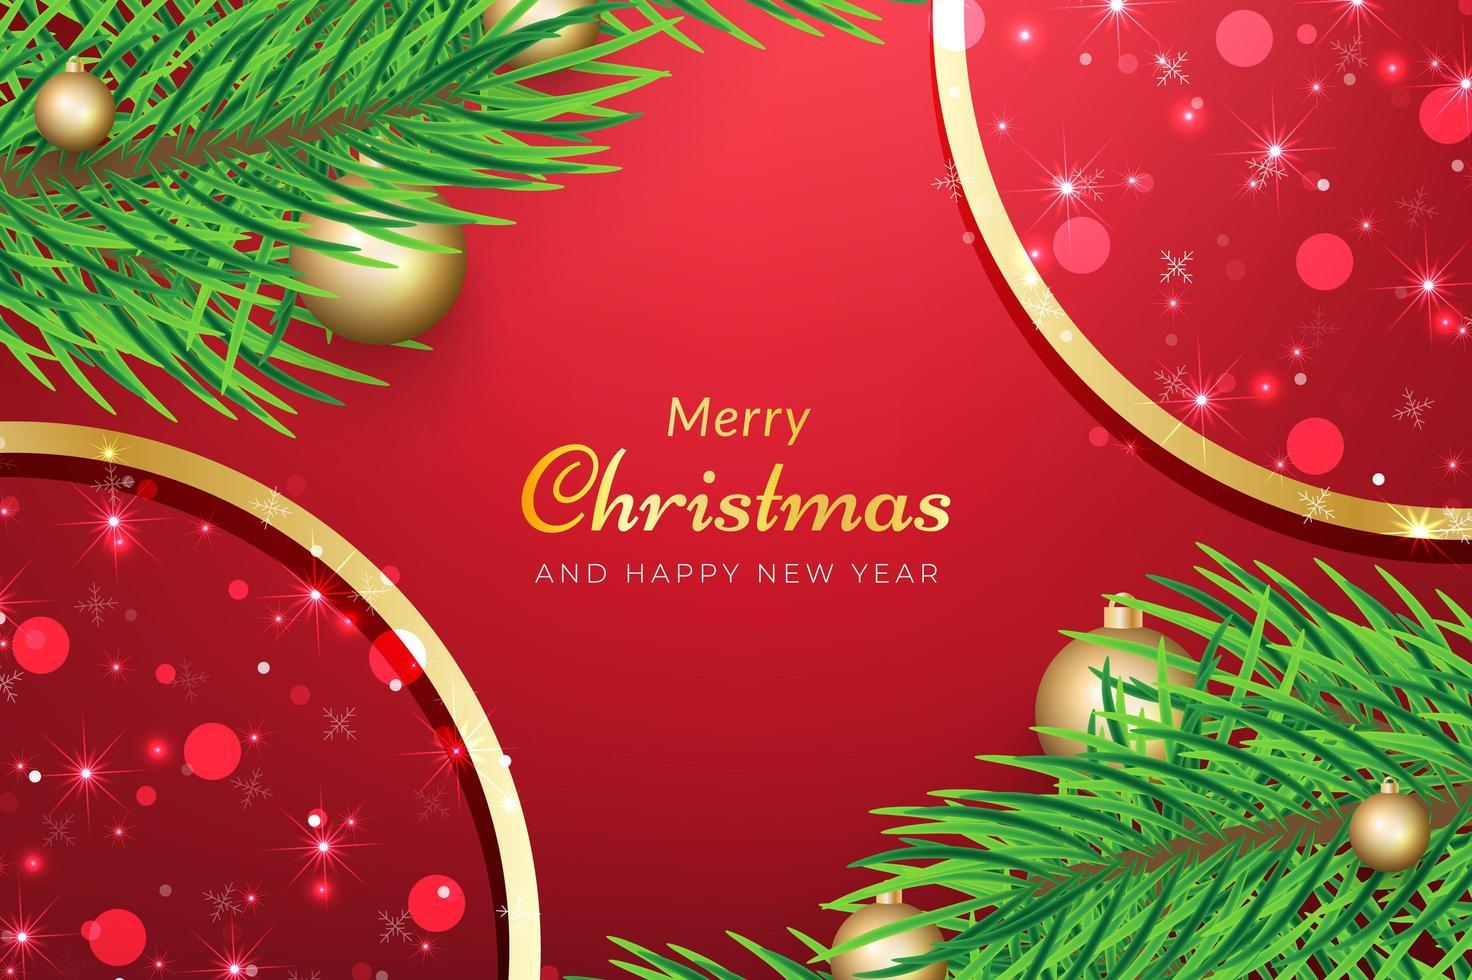 sfondo di Natale con i rami degli alberi vettore